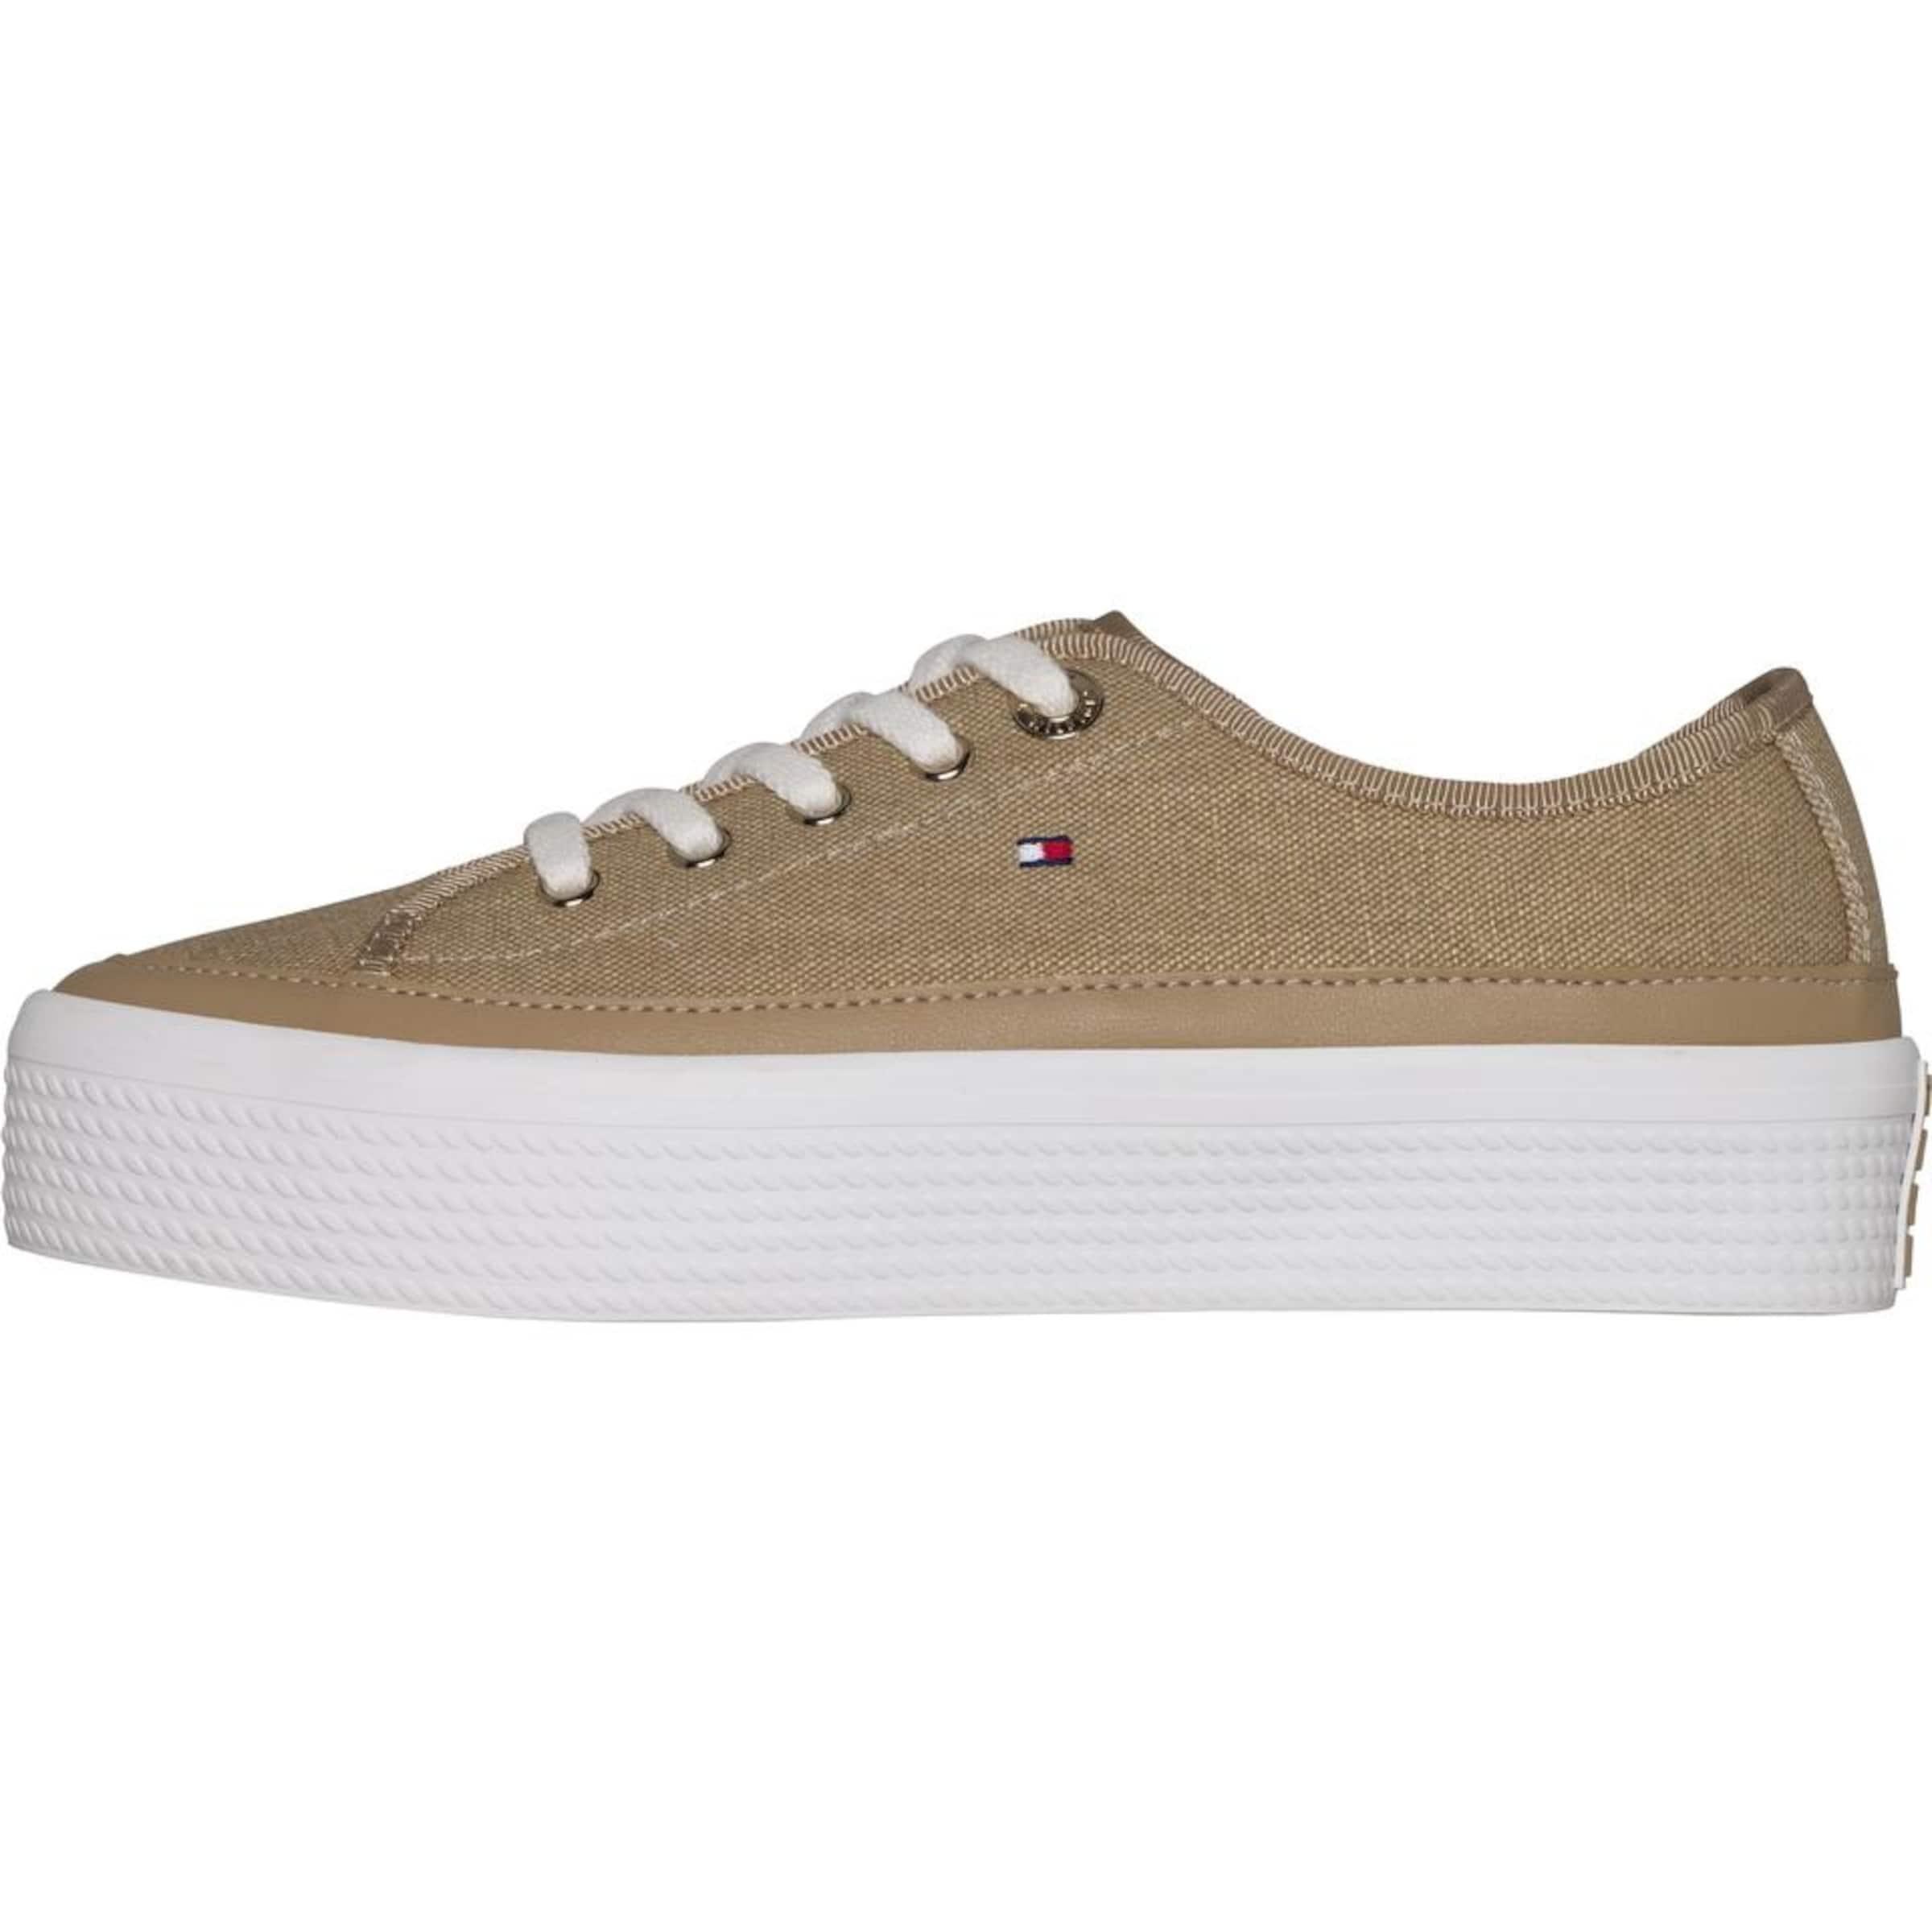 TOMMY HILFIGER Sneaker,SAND Verschleißfeste billige Schuhe